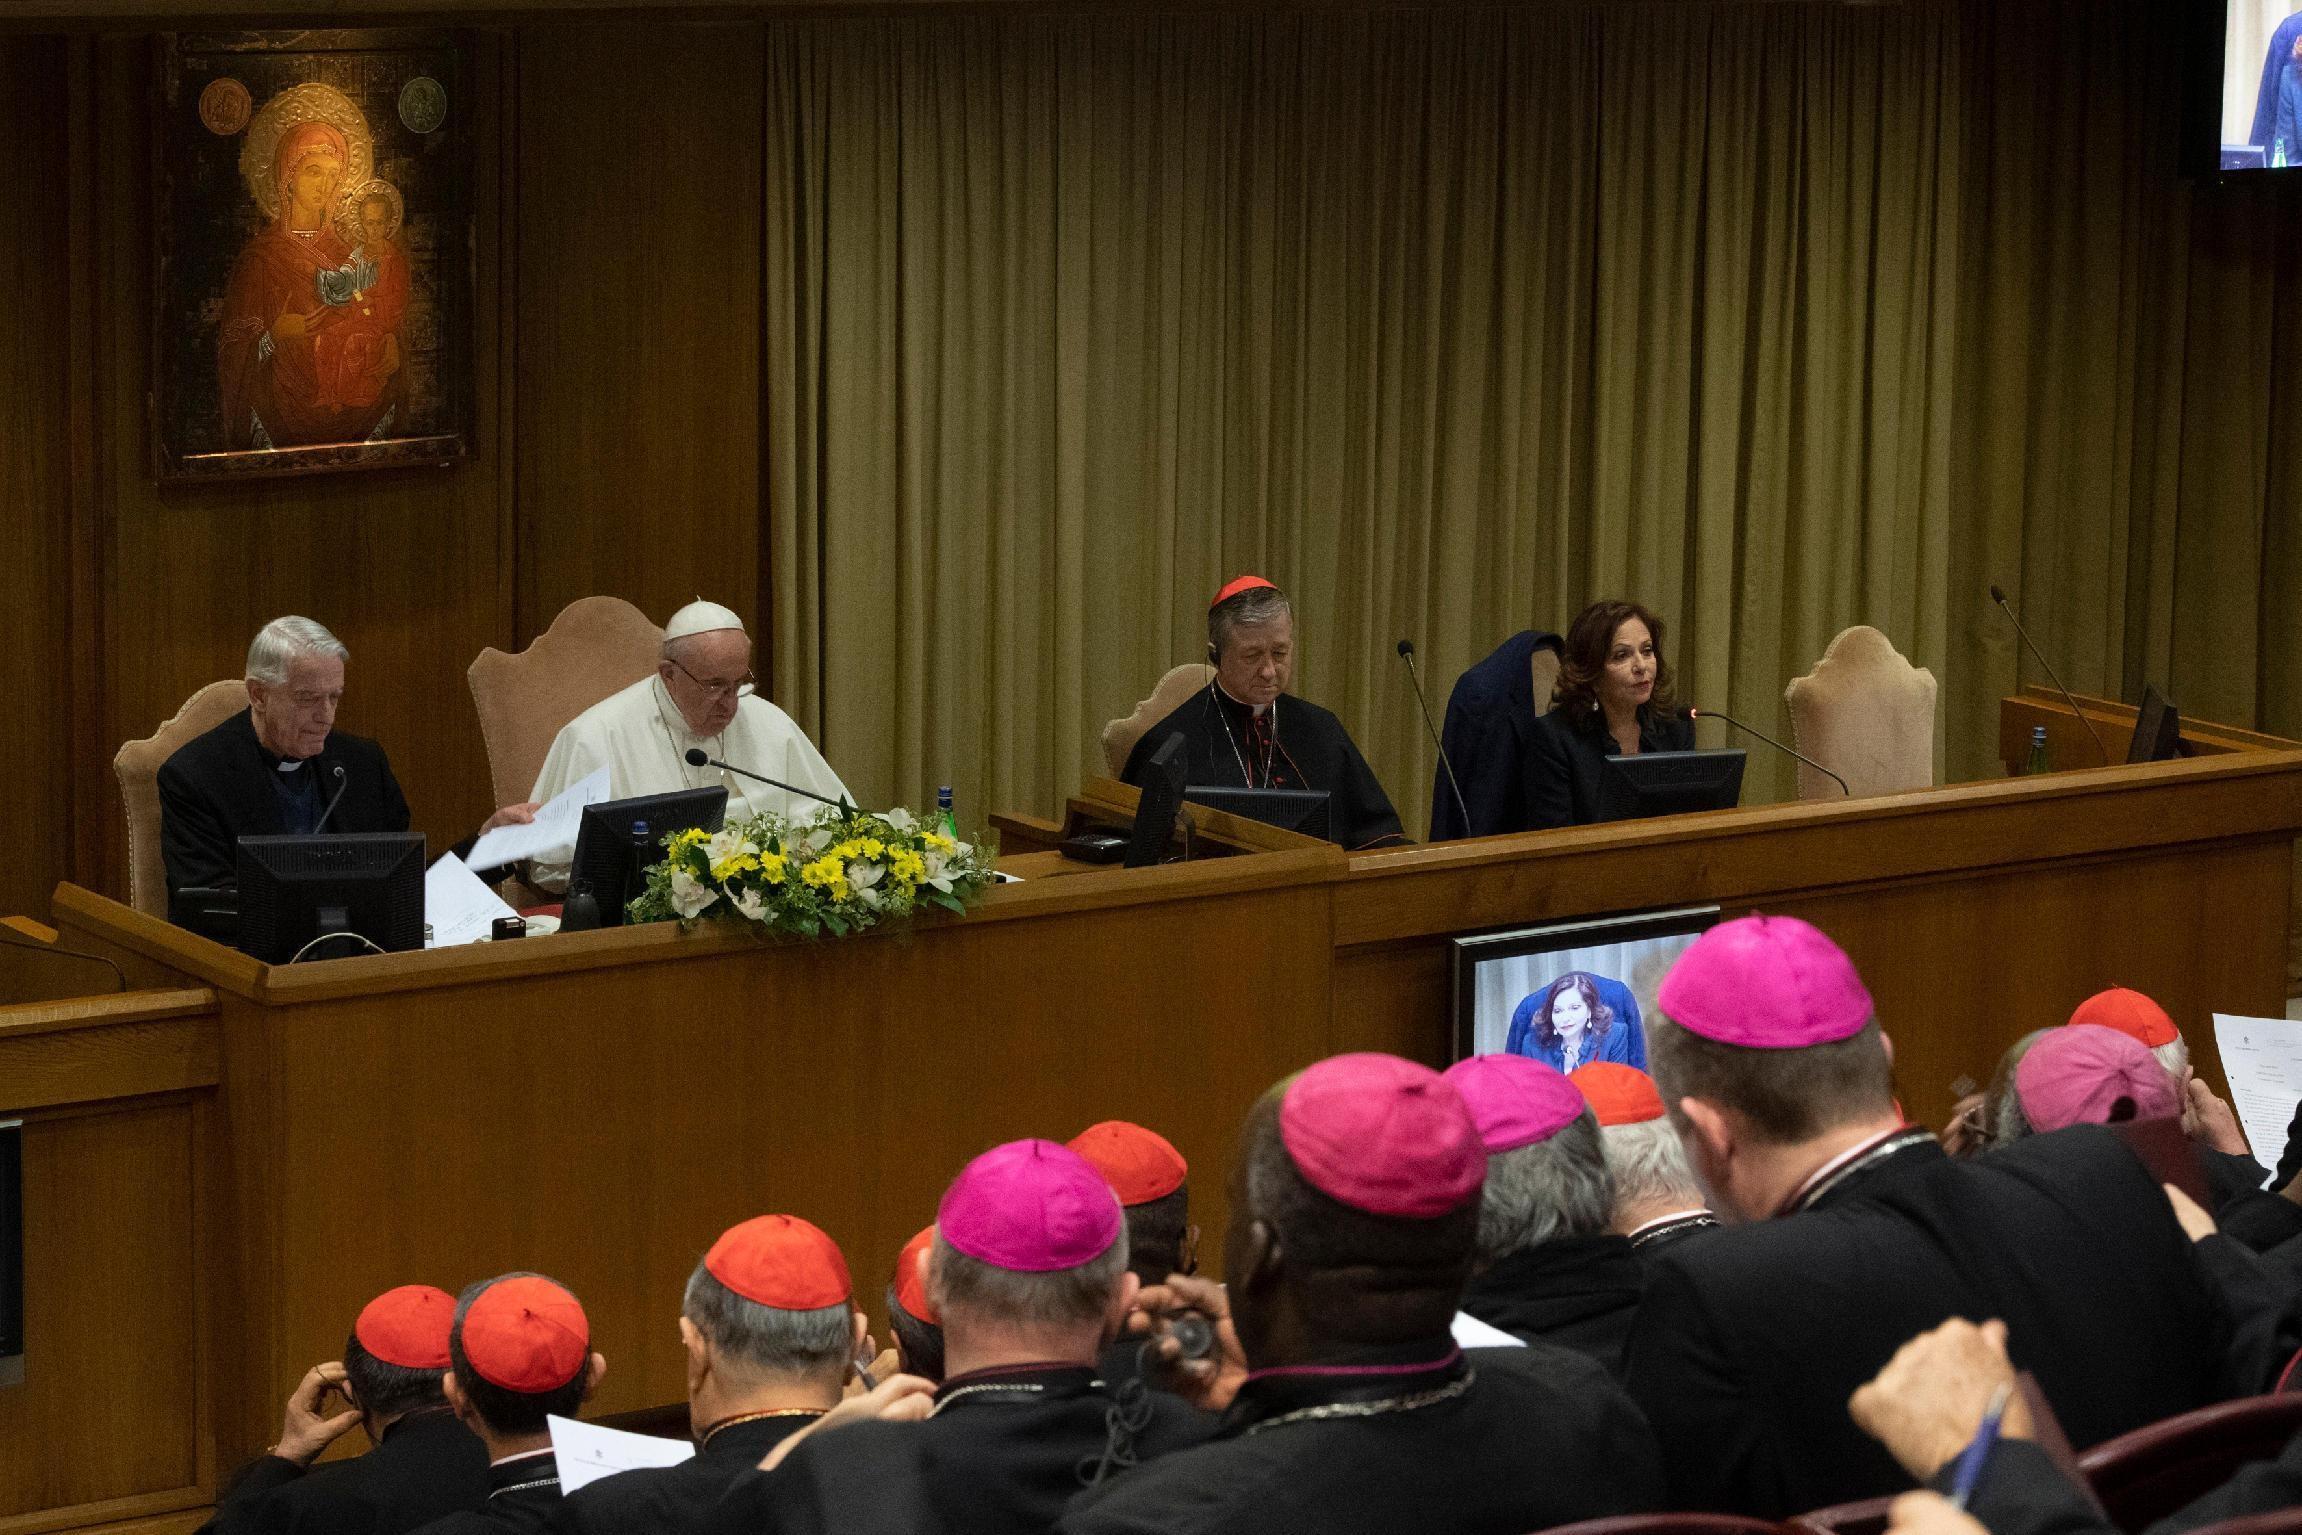 Al via il lavoro dei 190 vescovi nell'ultima giornata del summit per far luce sullo scandalo degli abusi nella Chiesa